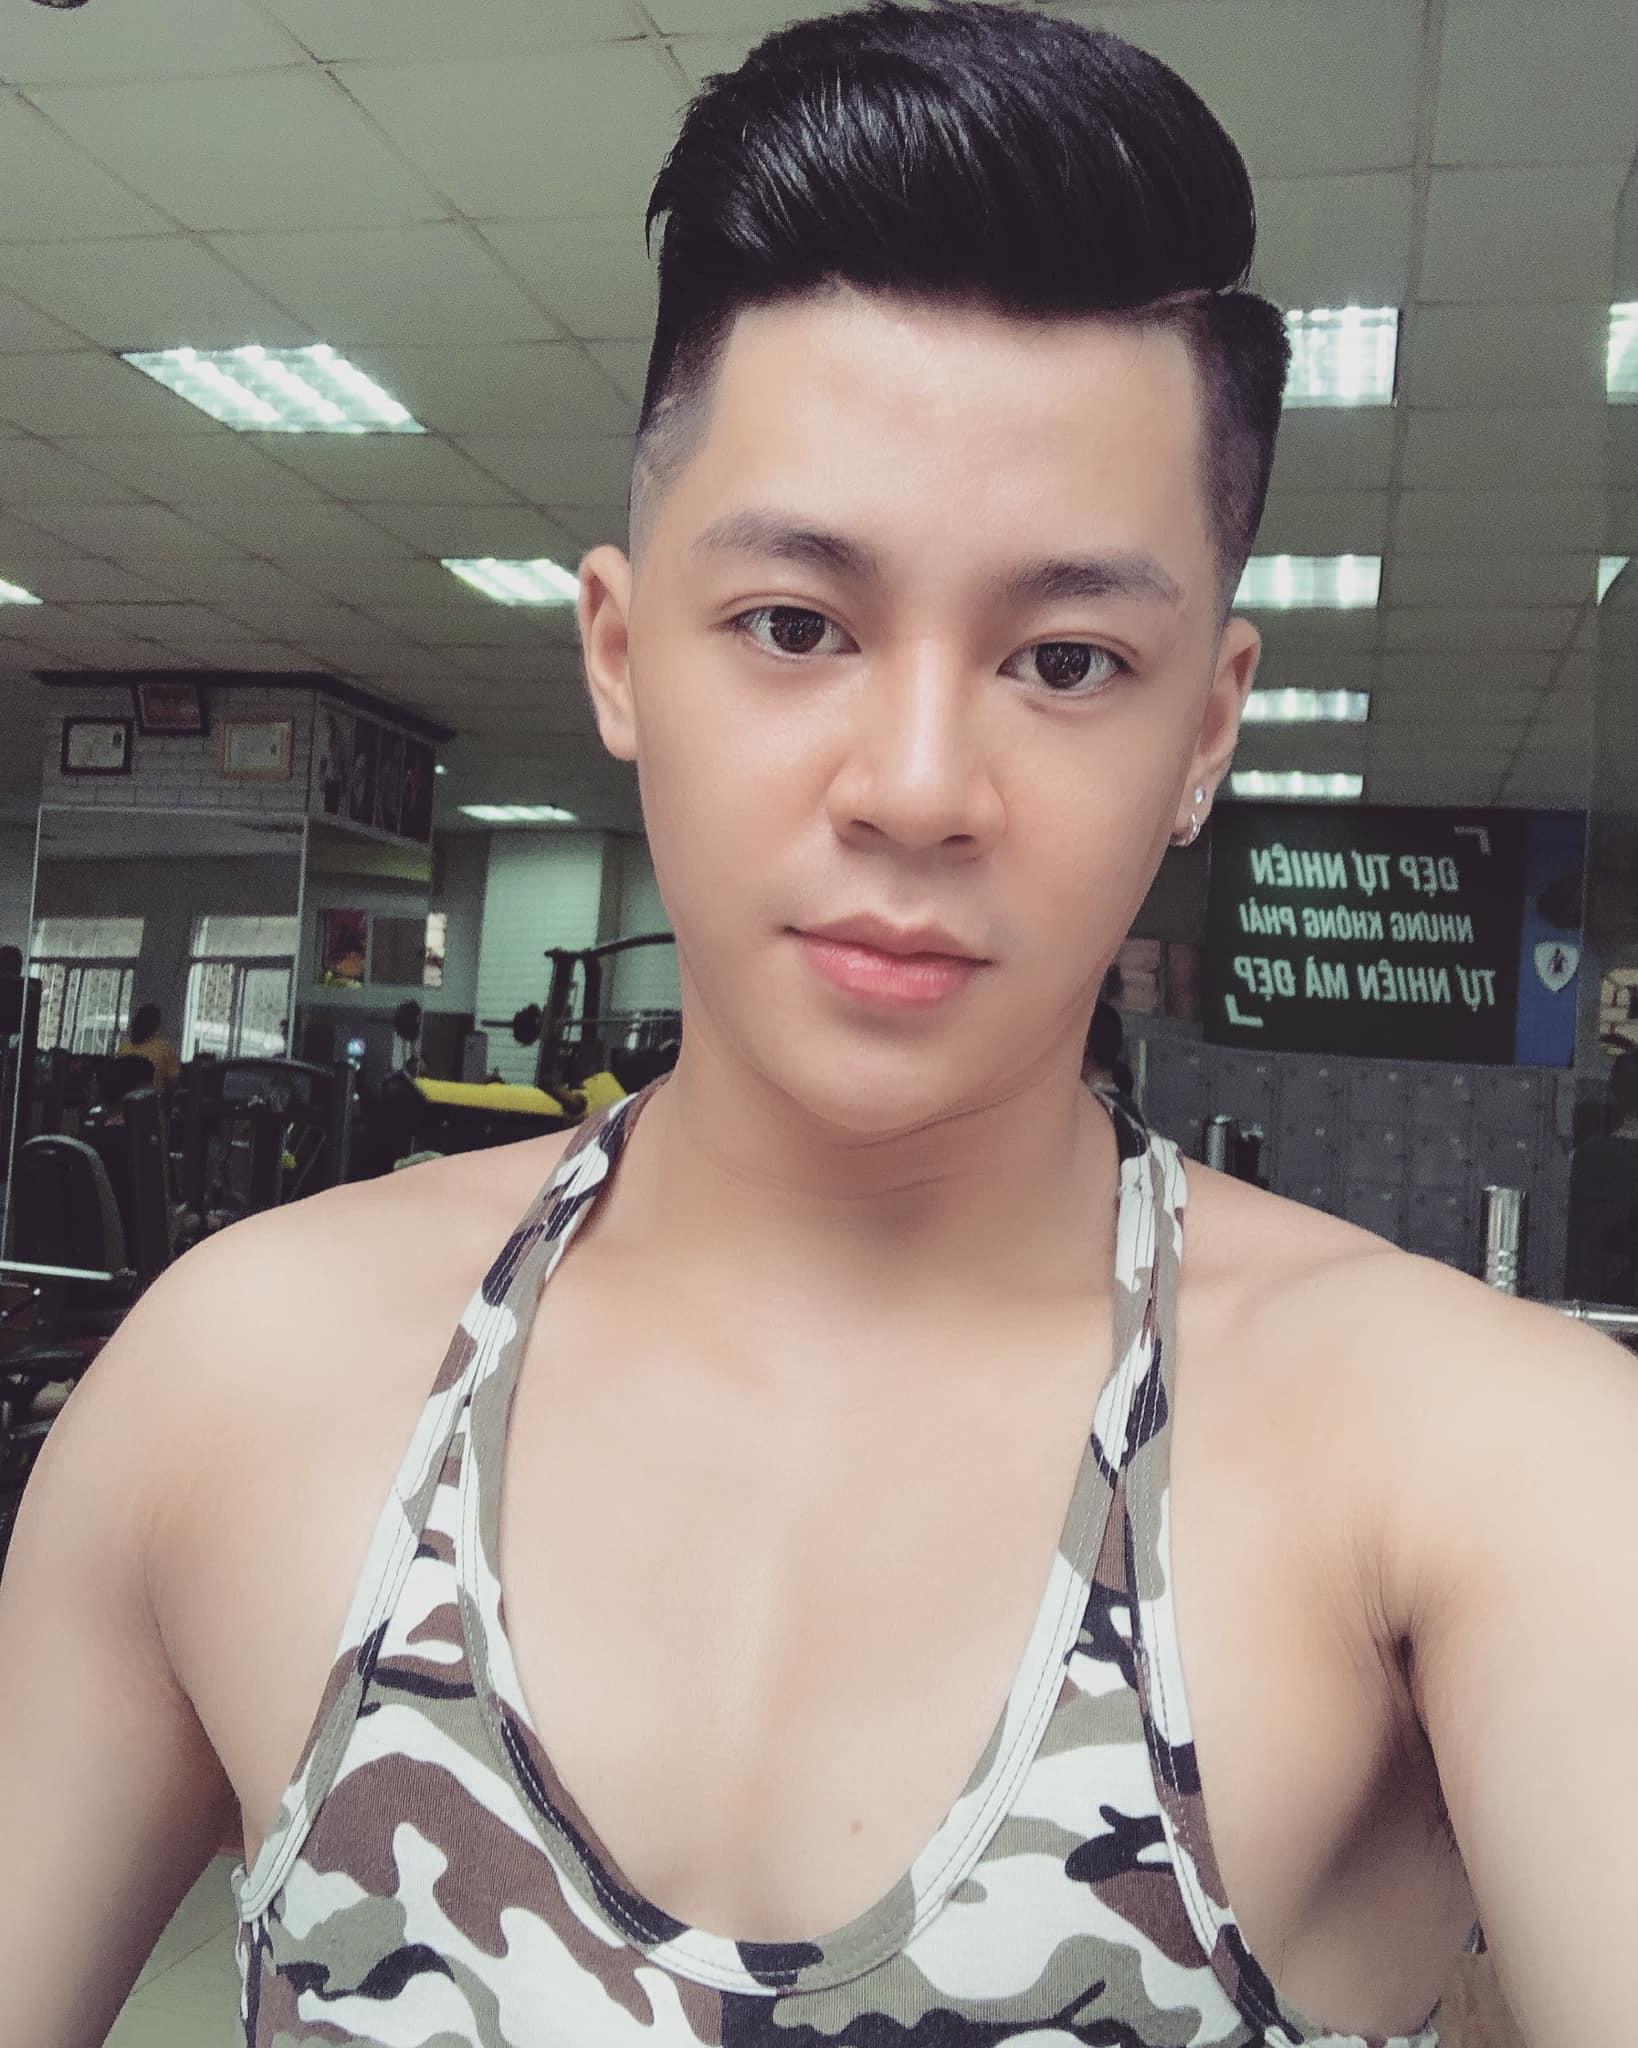 Việt Tuấn (Hà Nội), em trai của Đặng Đức Hiếu